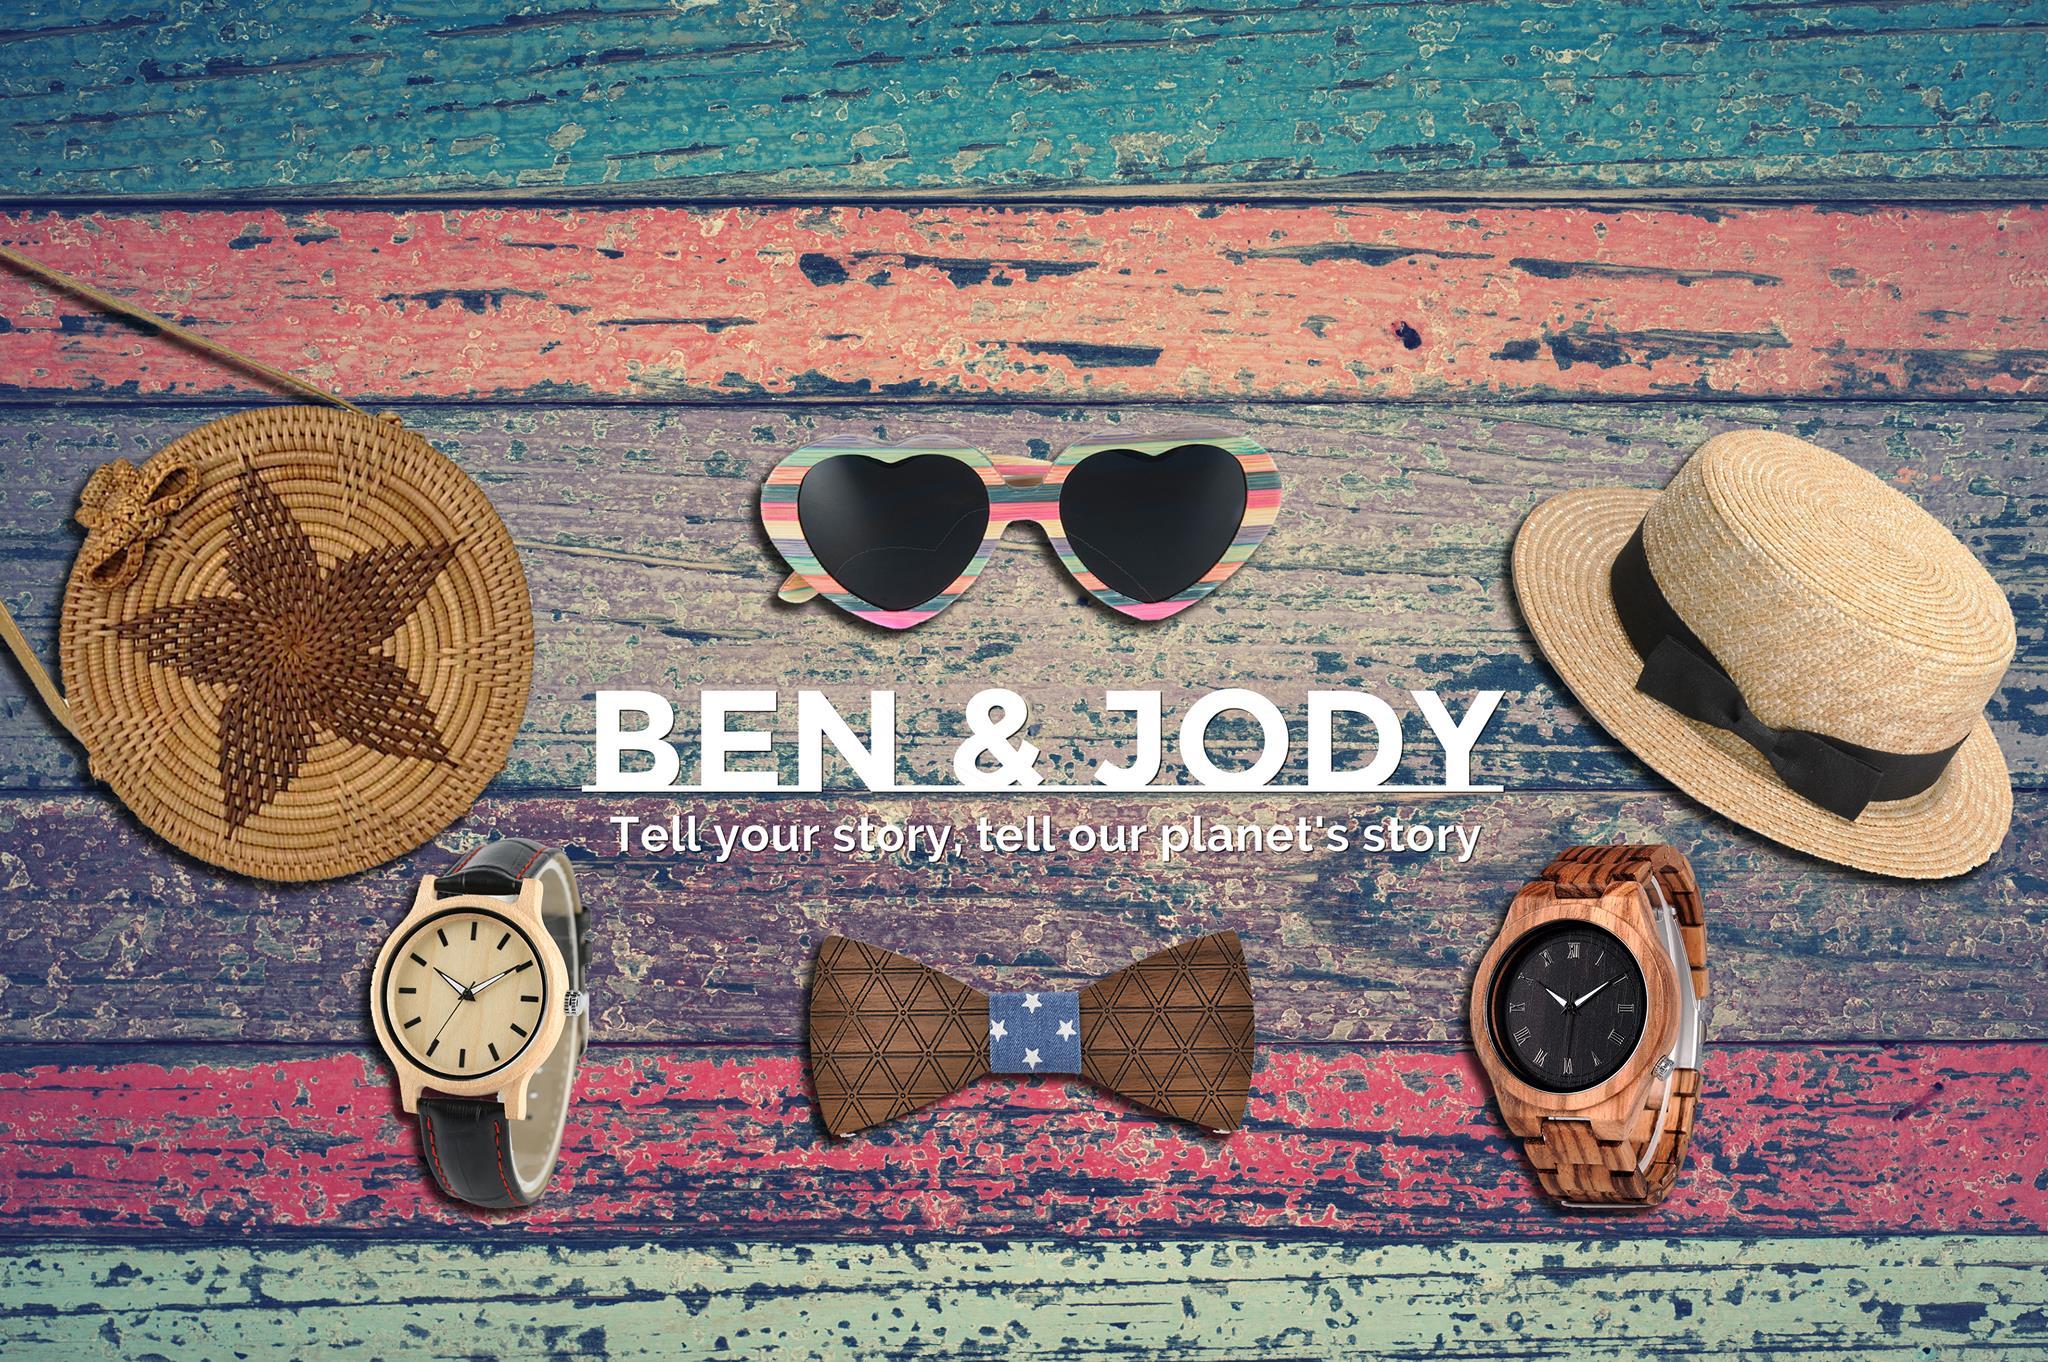 Ben and jody